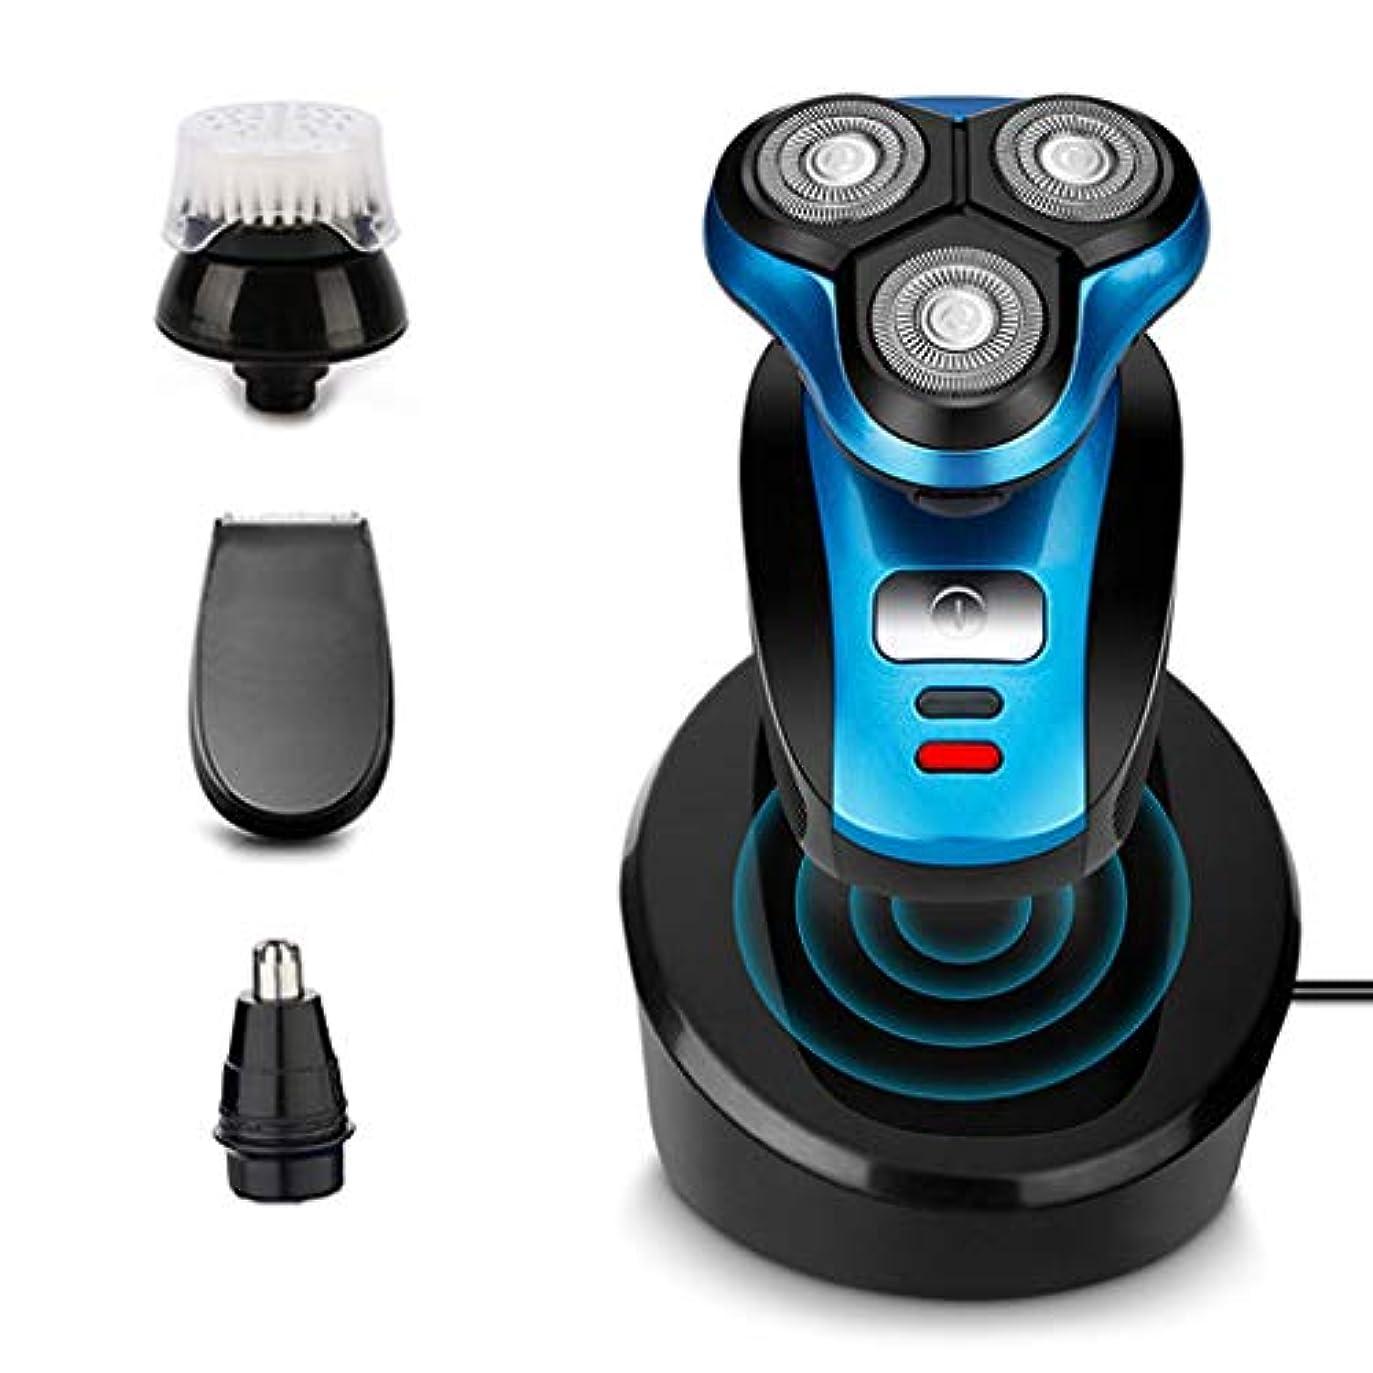 ひいきにする存在するデッキYHSUNN USBワイヤレス充電電気シェーバー男性用フローティング3ブレードヘッド電気シェービングマシン充電式かみそりフェイスケアツール